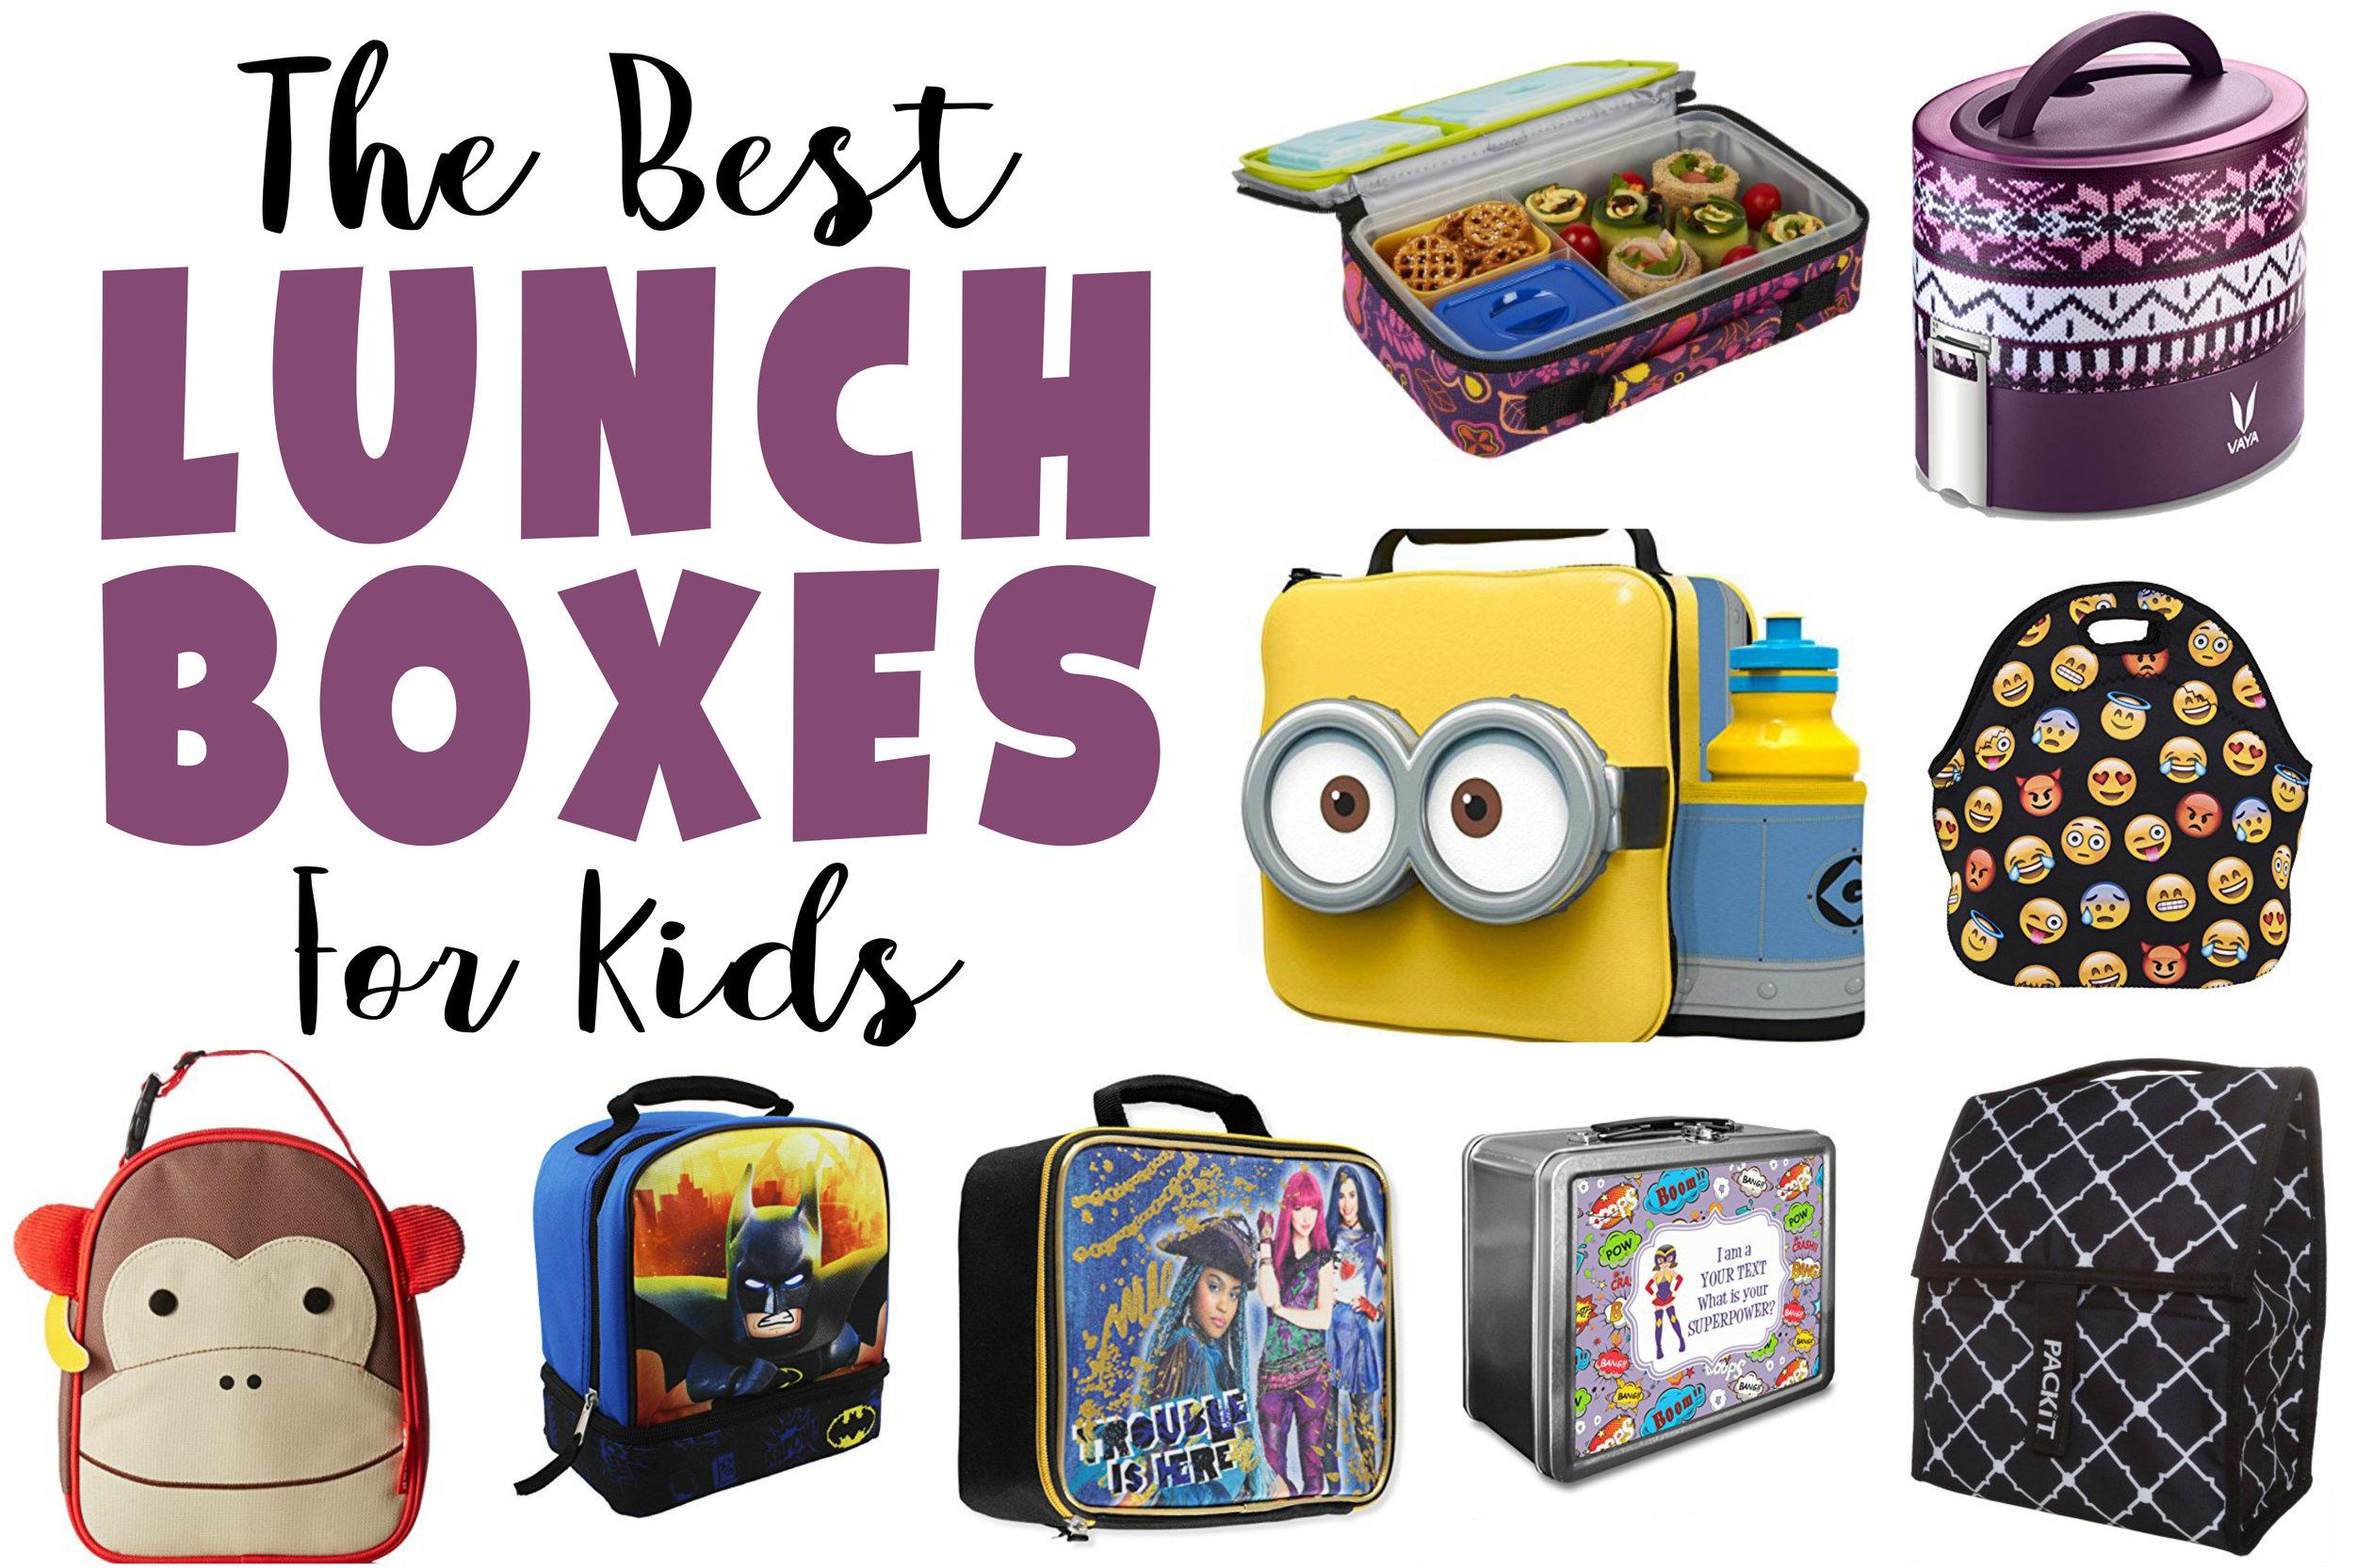 emoji costumes for kids best toys for kids. Black Bedroom Furniture Sets. Home Design Ideas